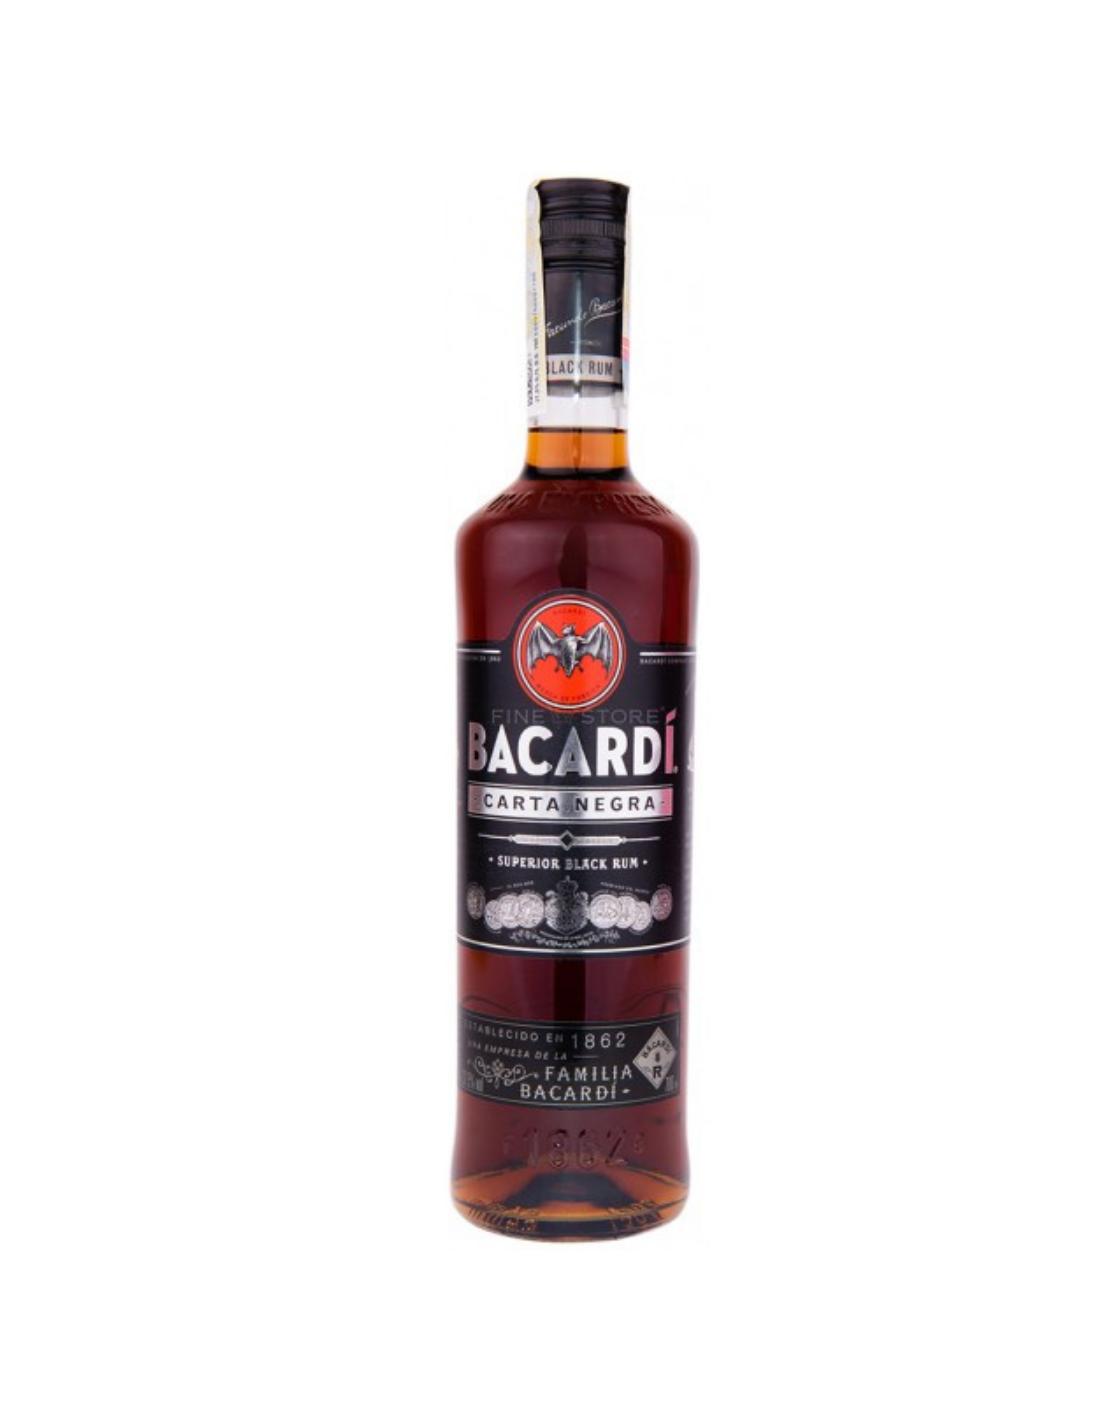 Rom negru Bacardi Carta Negra, 40% alc., 0.7L, Cuba